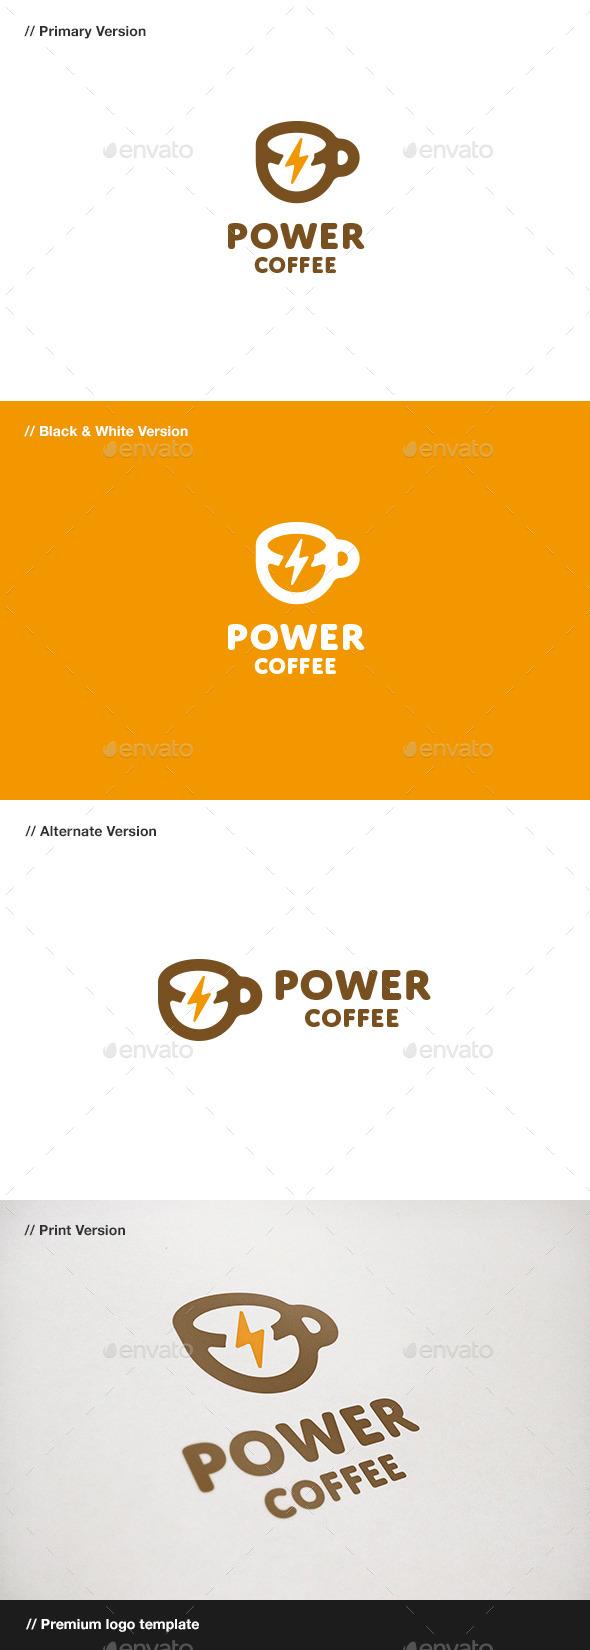 GraphicRiver Power Coffee Logo 11009109